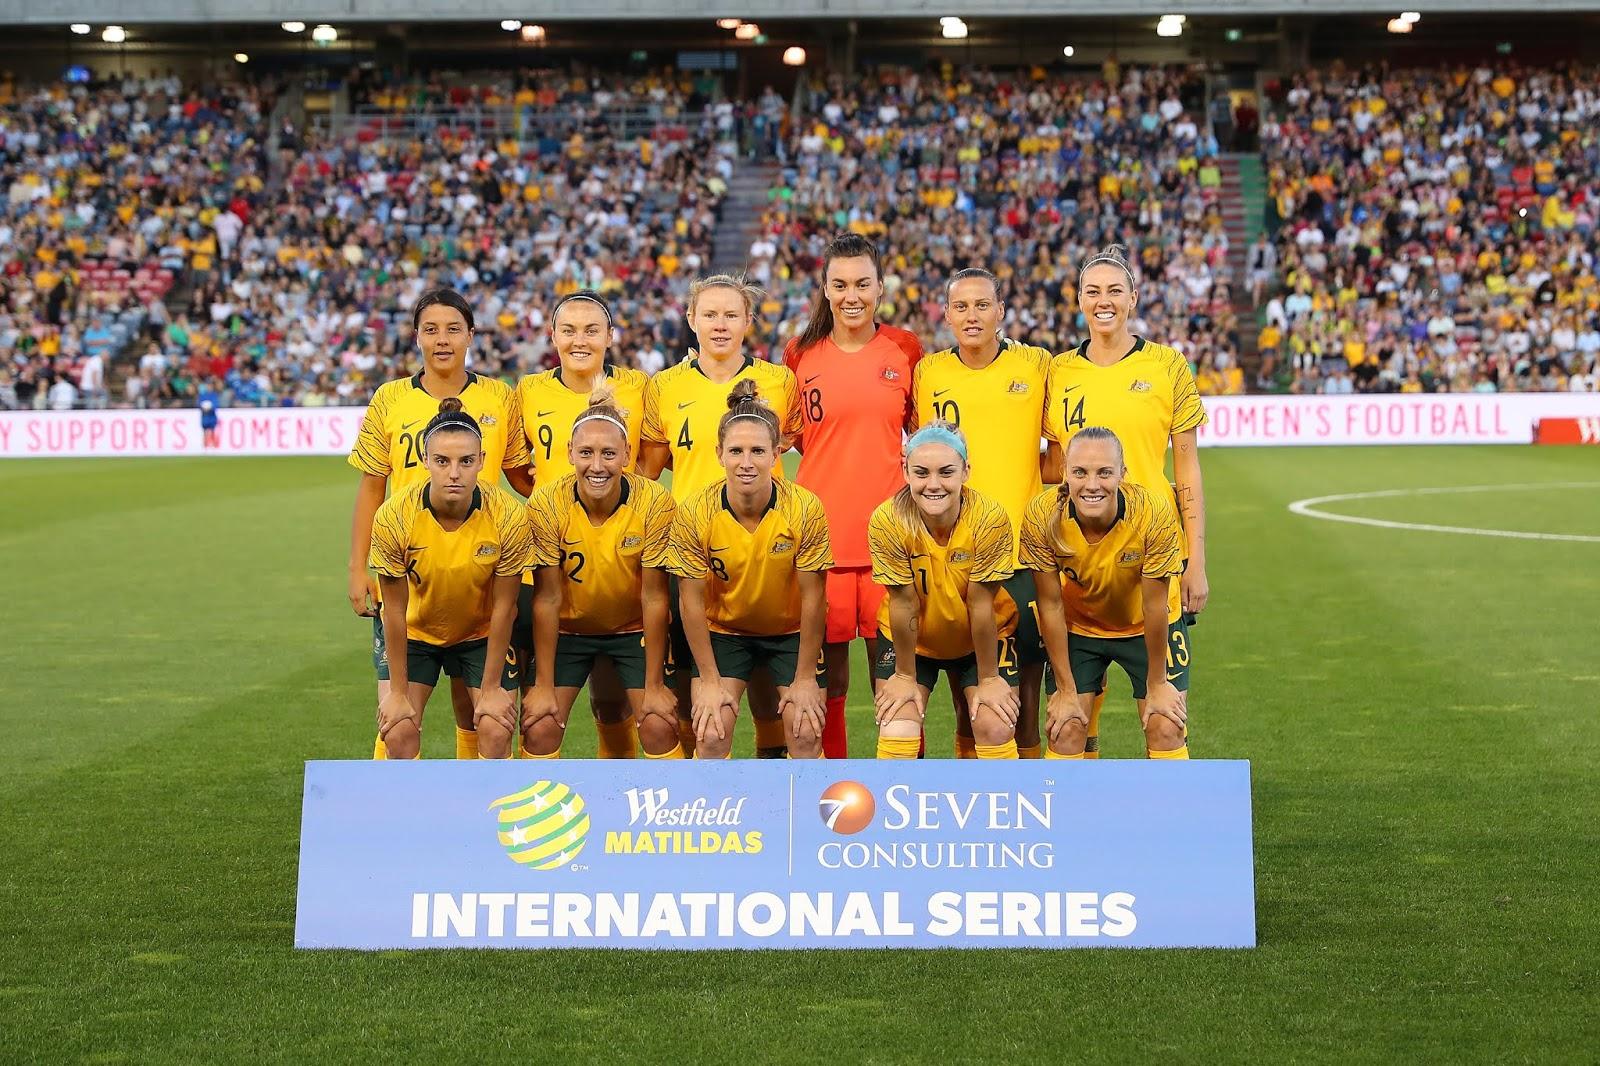 Formación de selección femenina de Australia ante Chile, amistoso disputado el 13 de noviembre de 2018